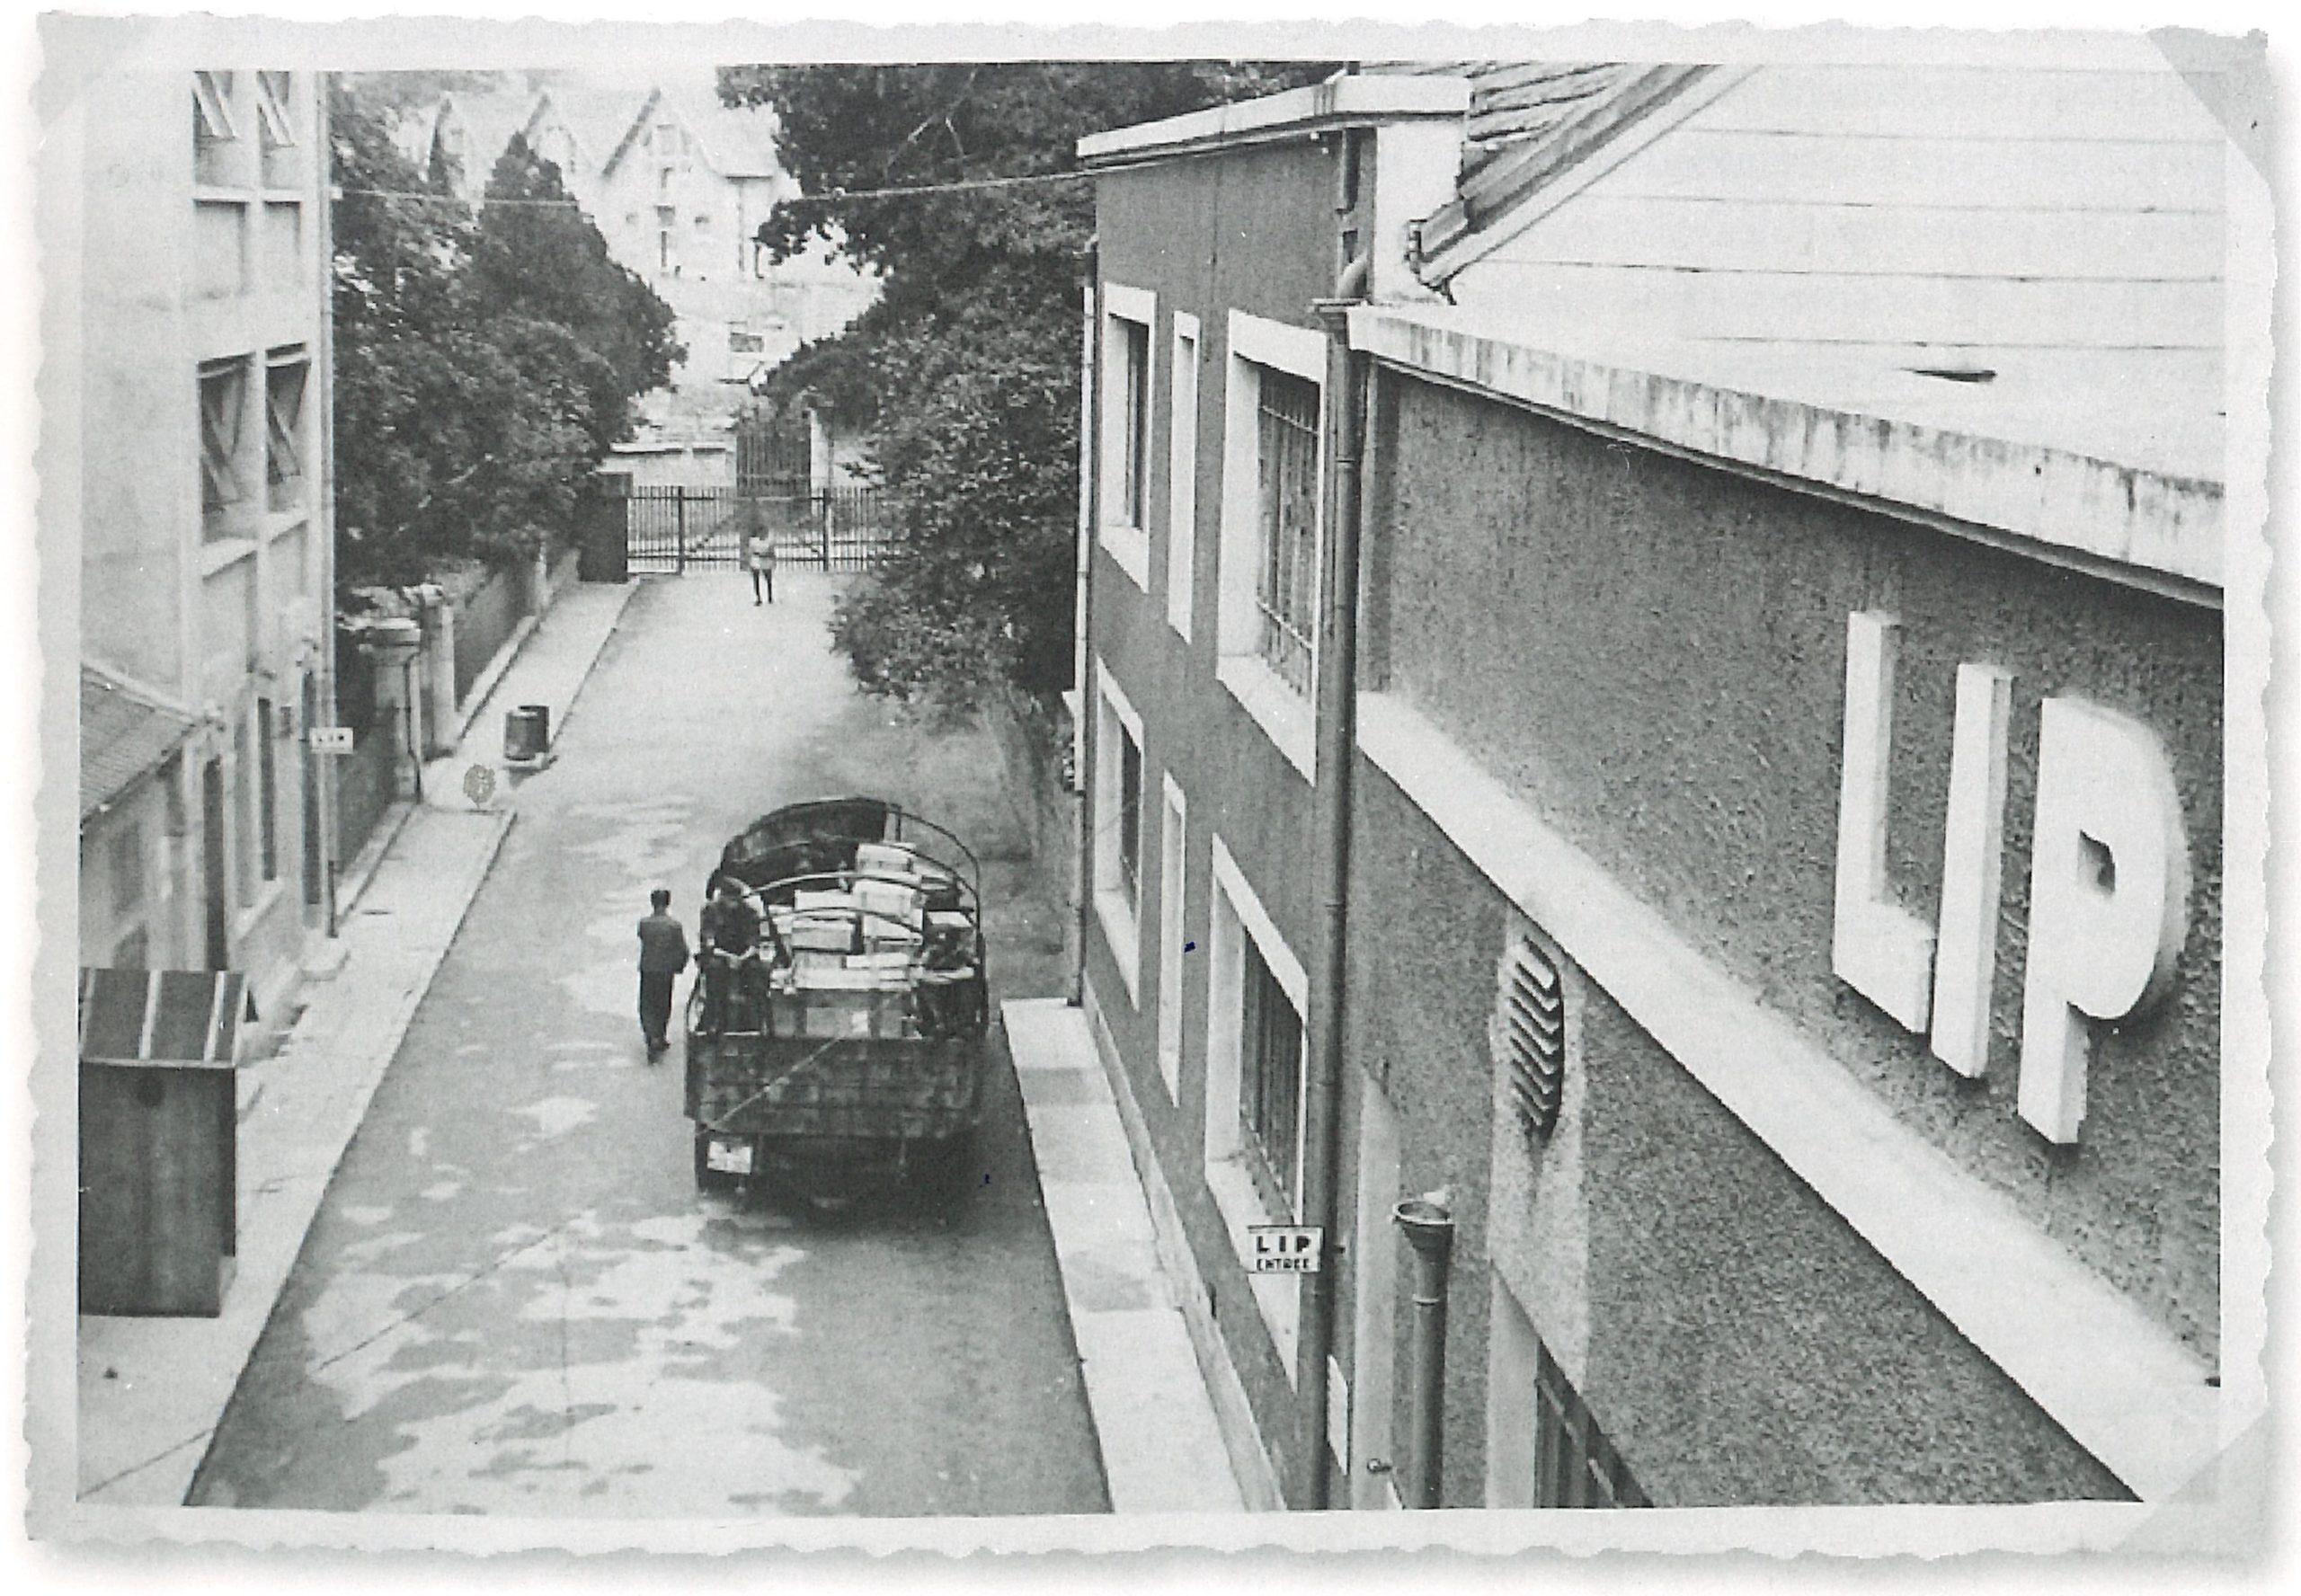 Usine Lip de la Mouillère Seconde Guerre Mondiale et Occupation Allemande 1939 - 1945 @MPC et H-J BELMONT page 23 (1)